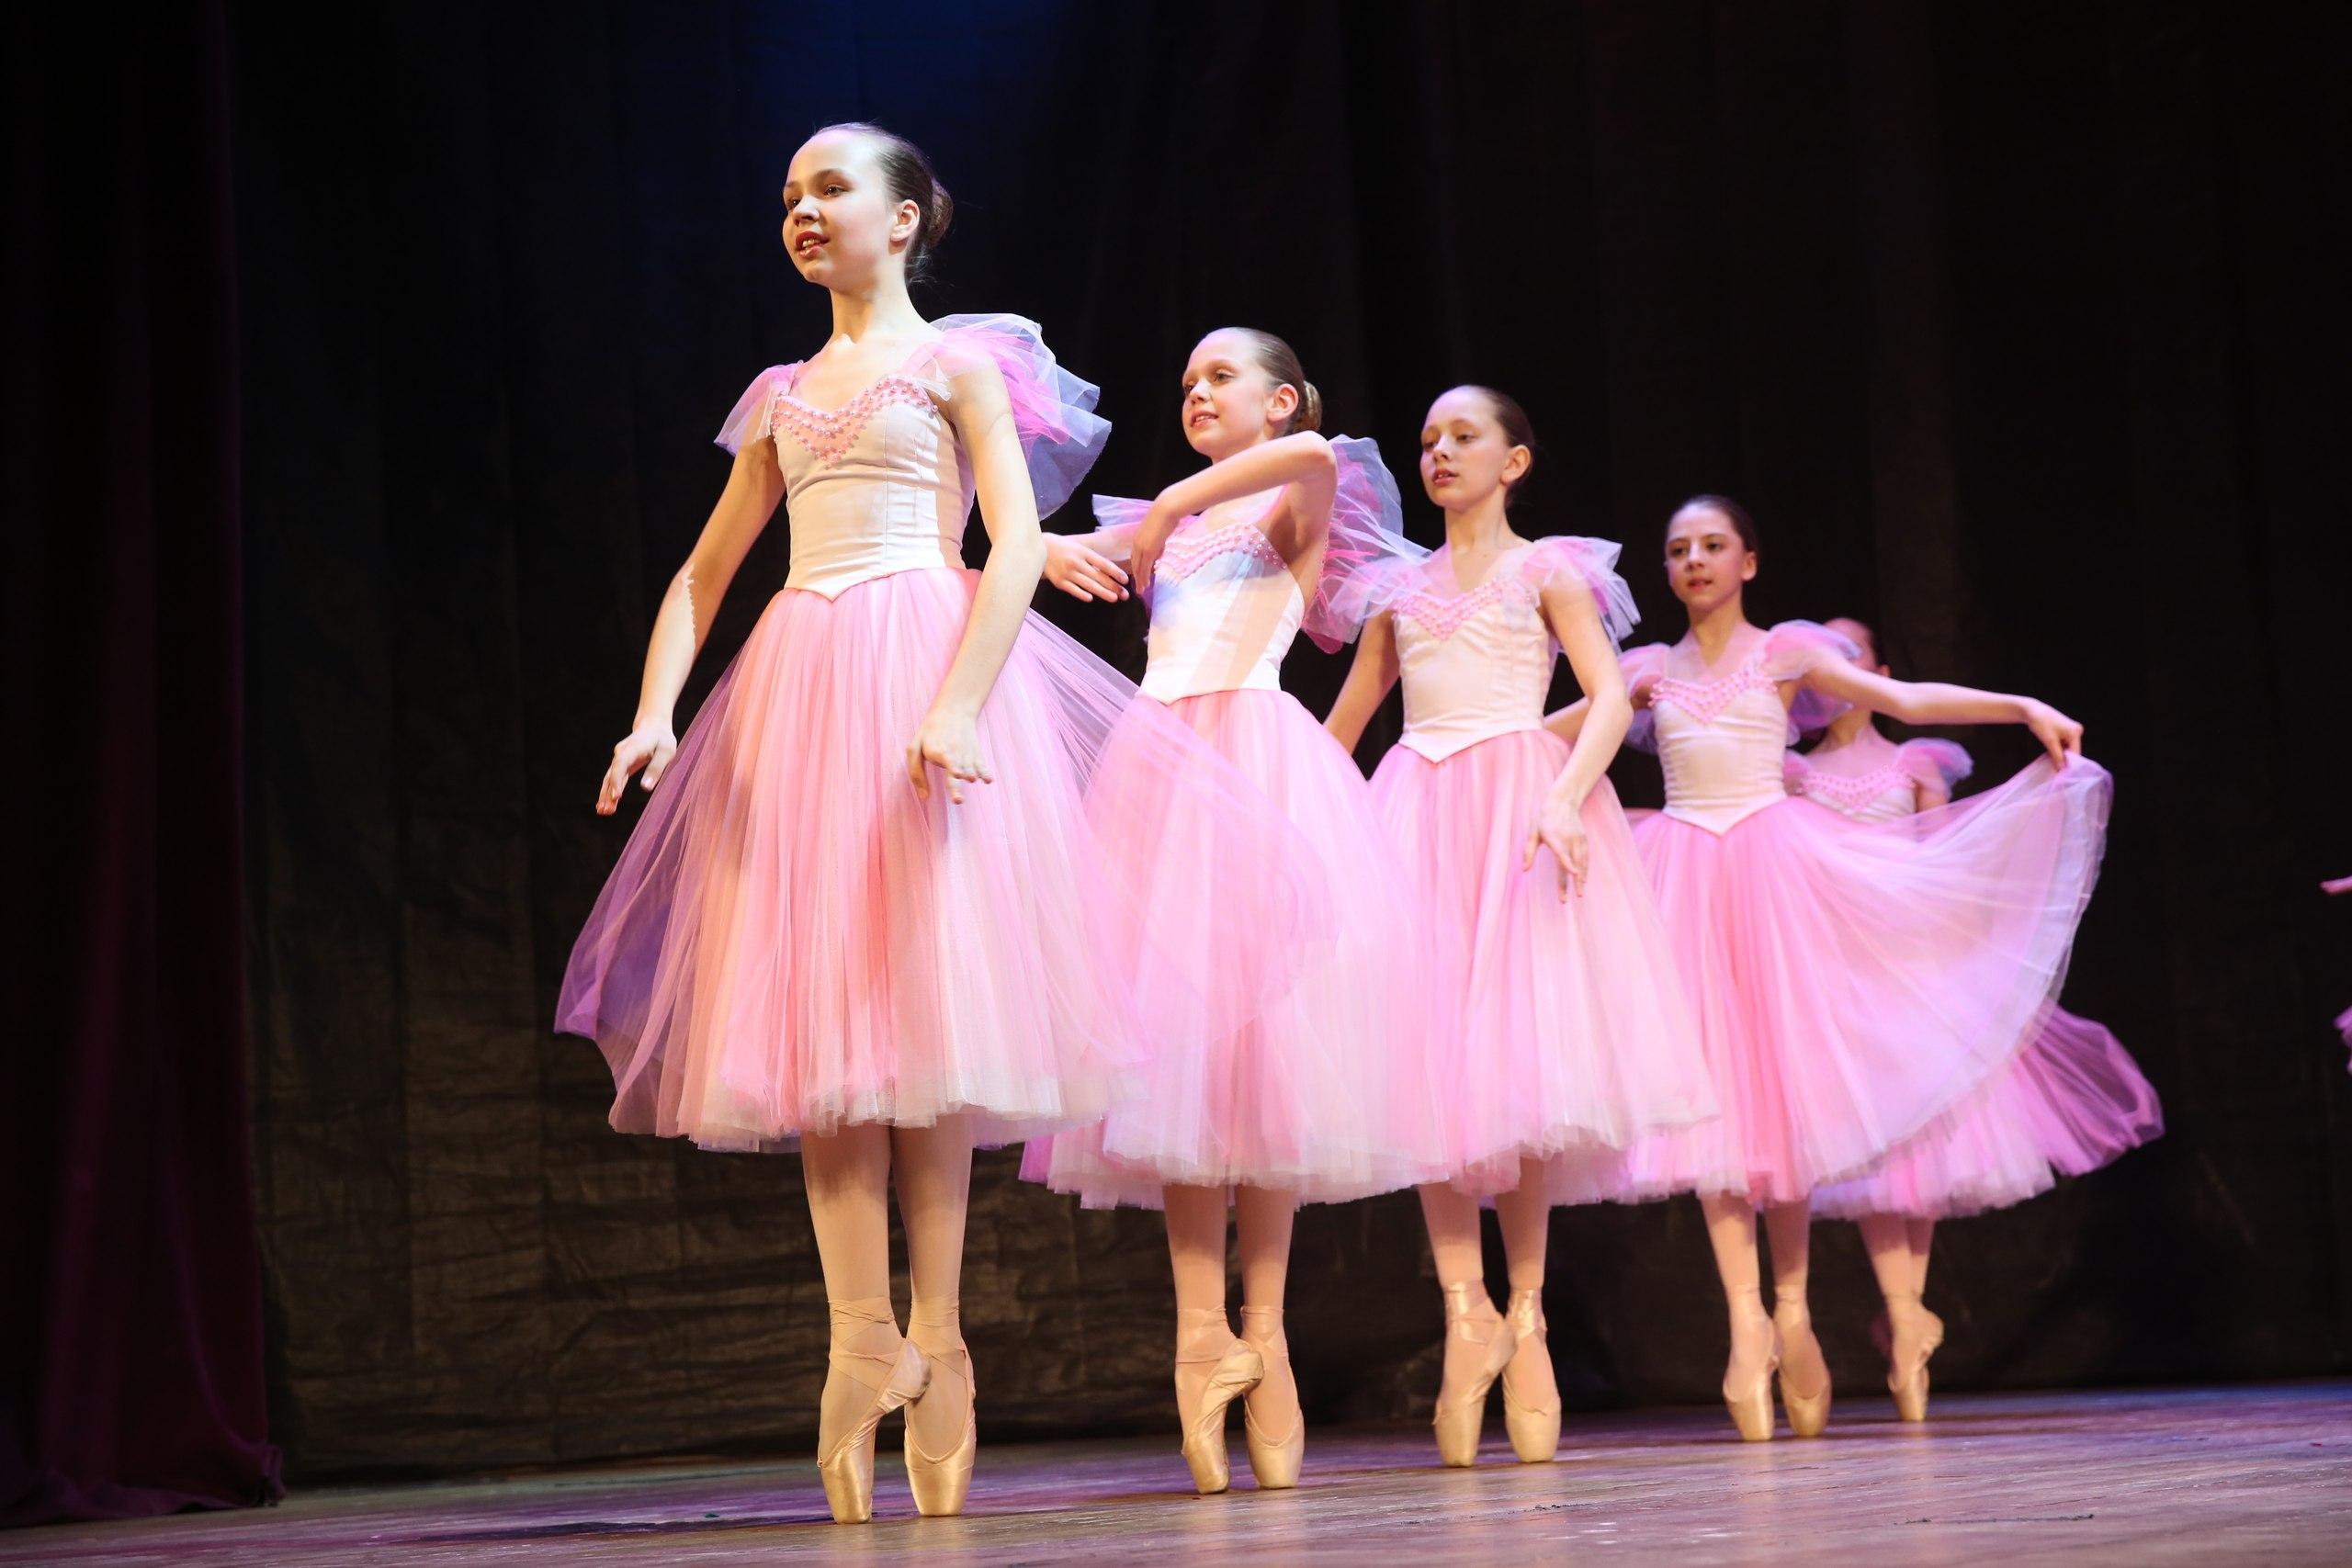 IV Международный конкурс хореографического мастерства памяти Родиона Юмашева «Территория танца»